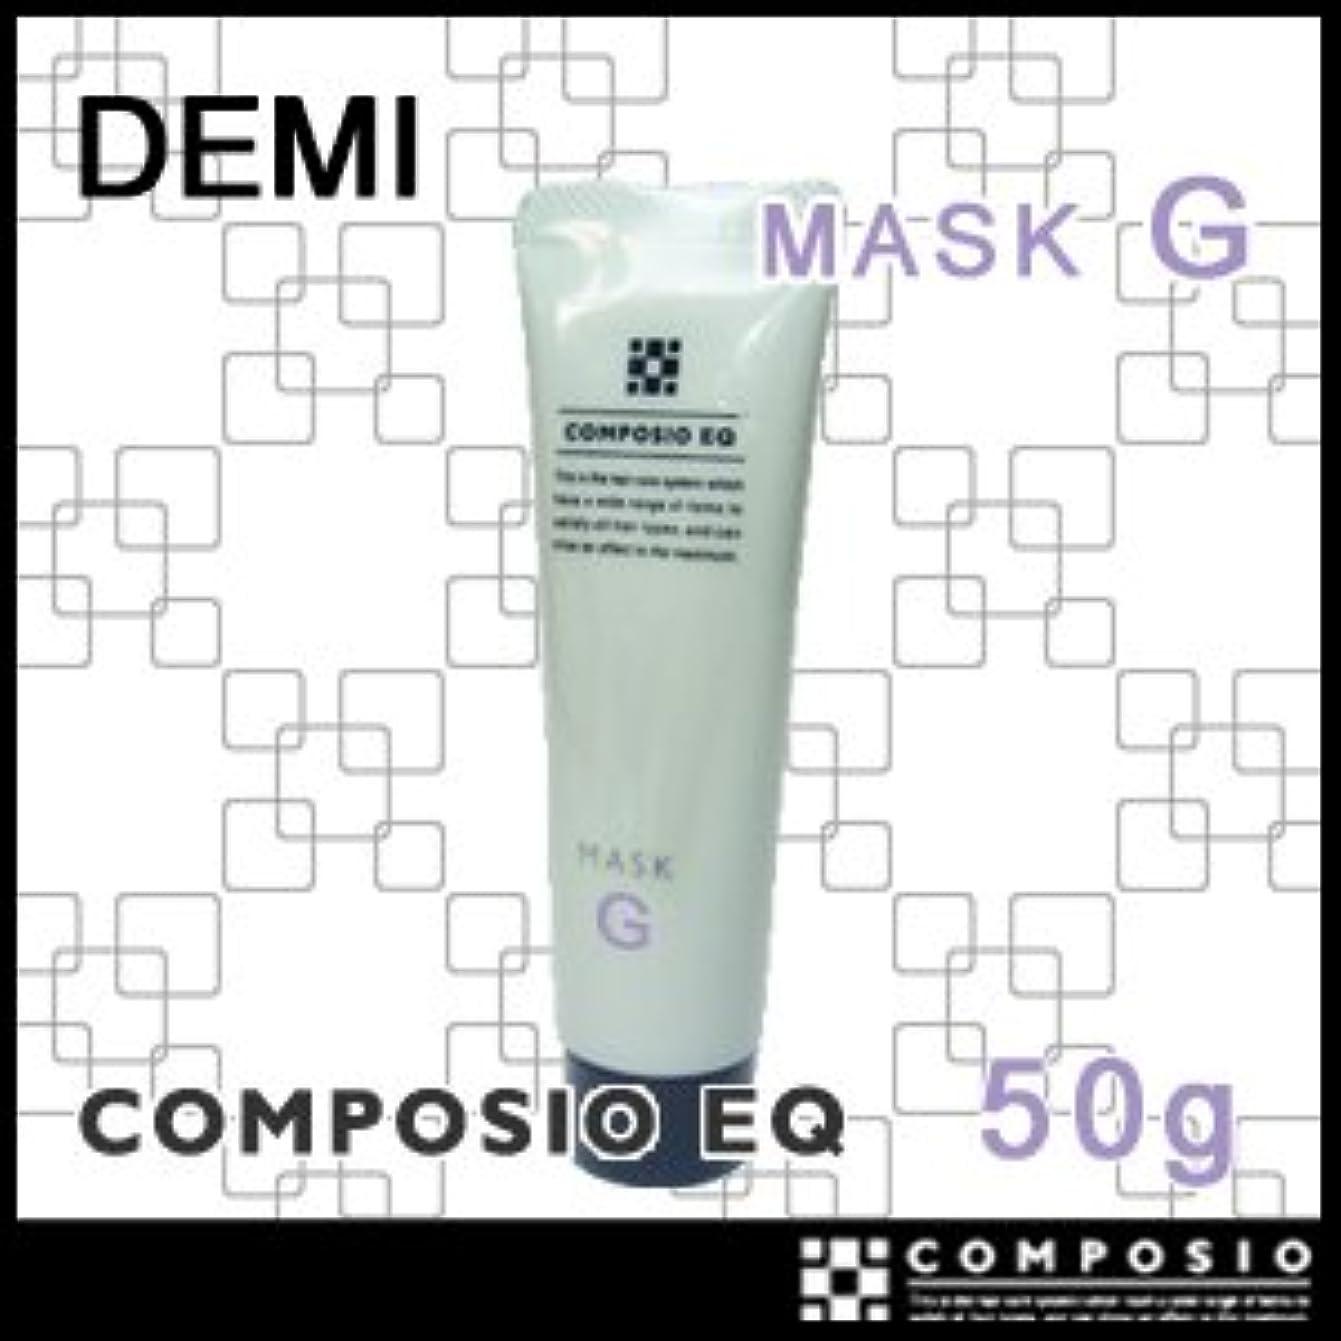 の量罰する学期デミ コンポジオ EQ マスク G しっとりタイプ 50g